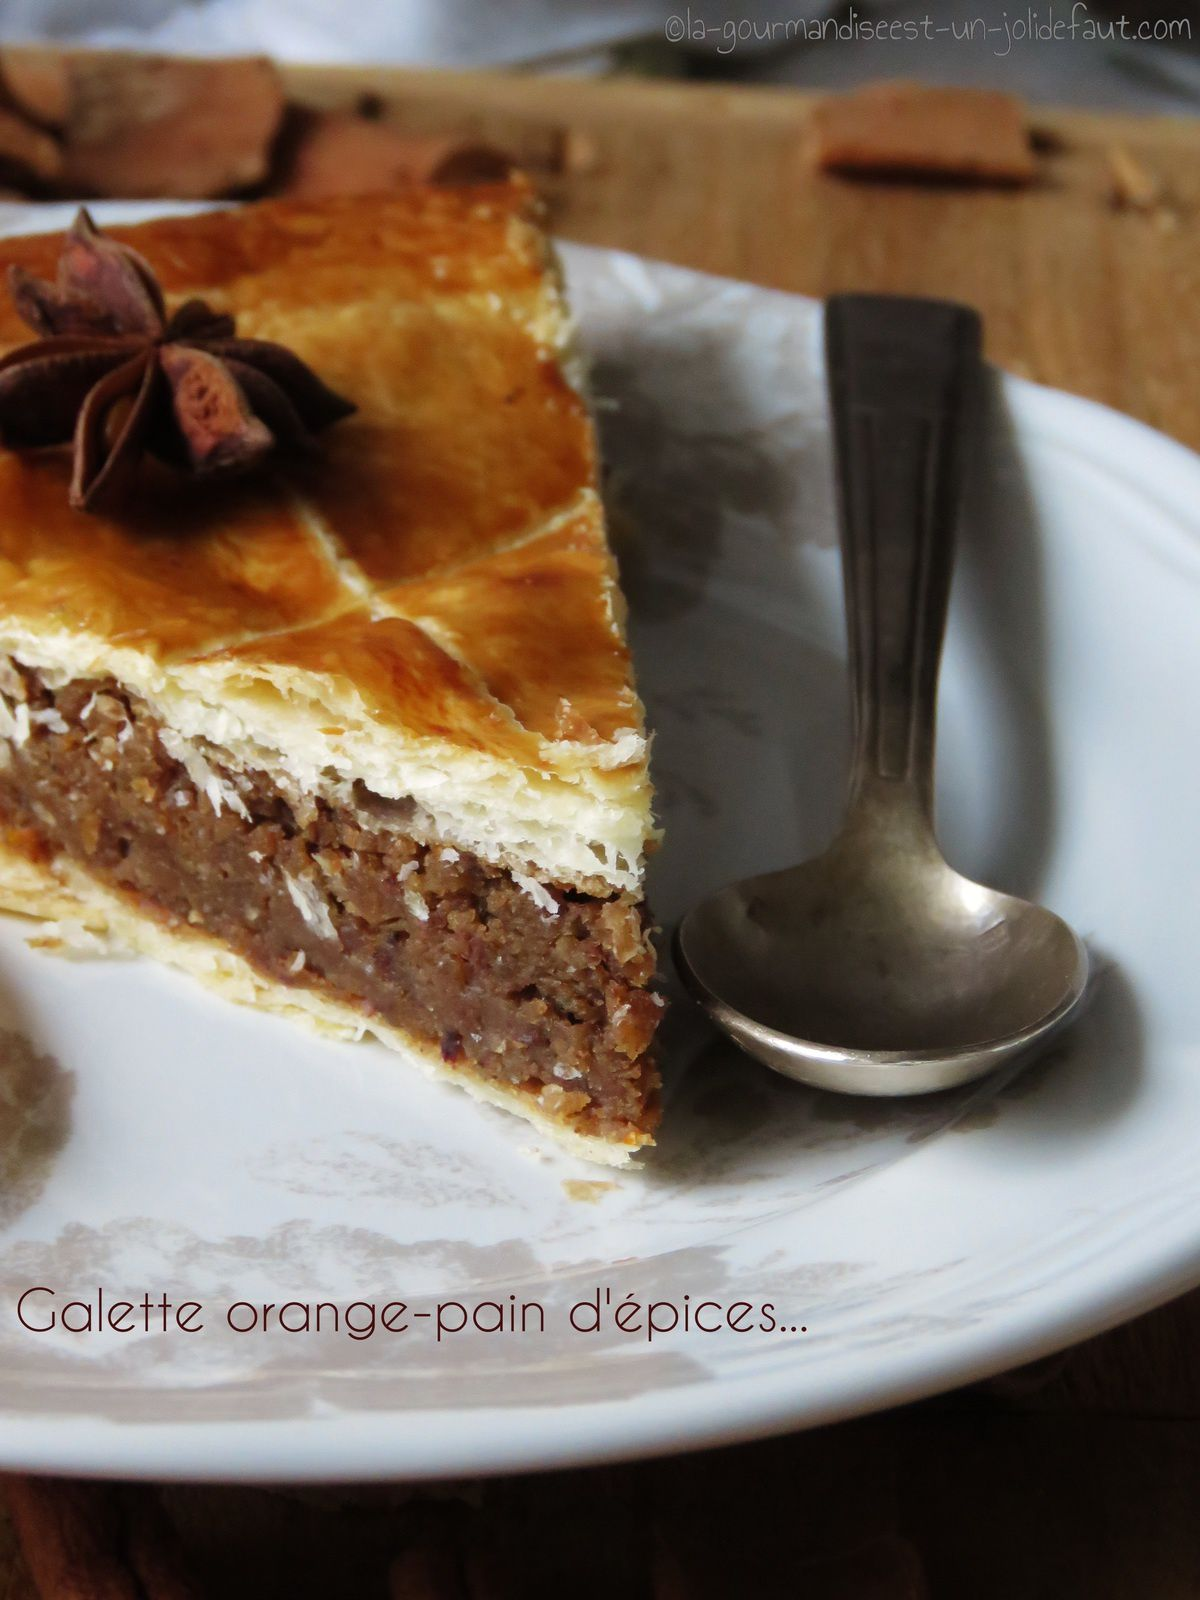 Galette orange-pain d'épice